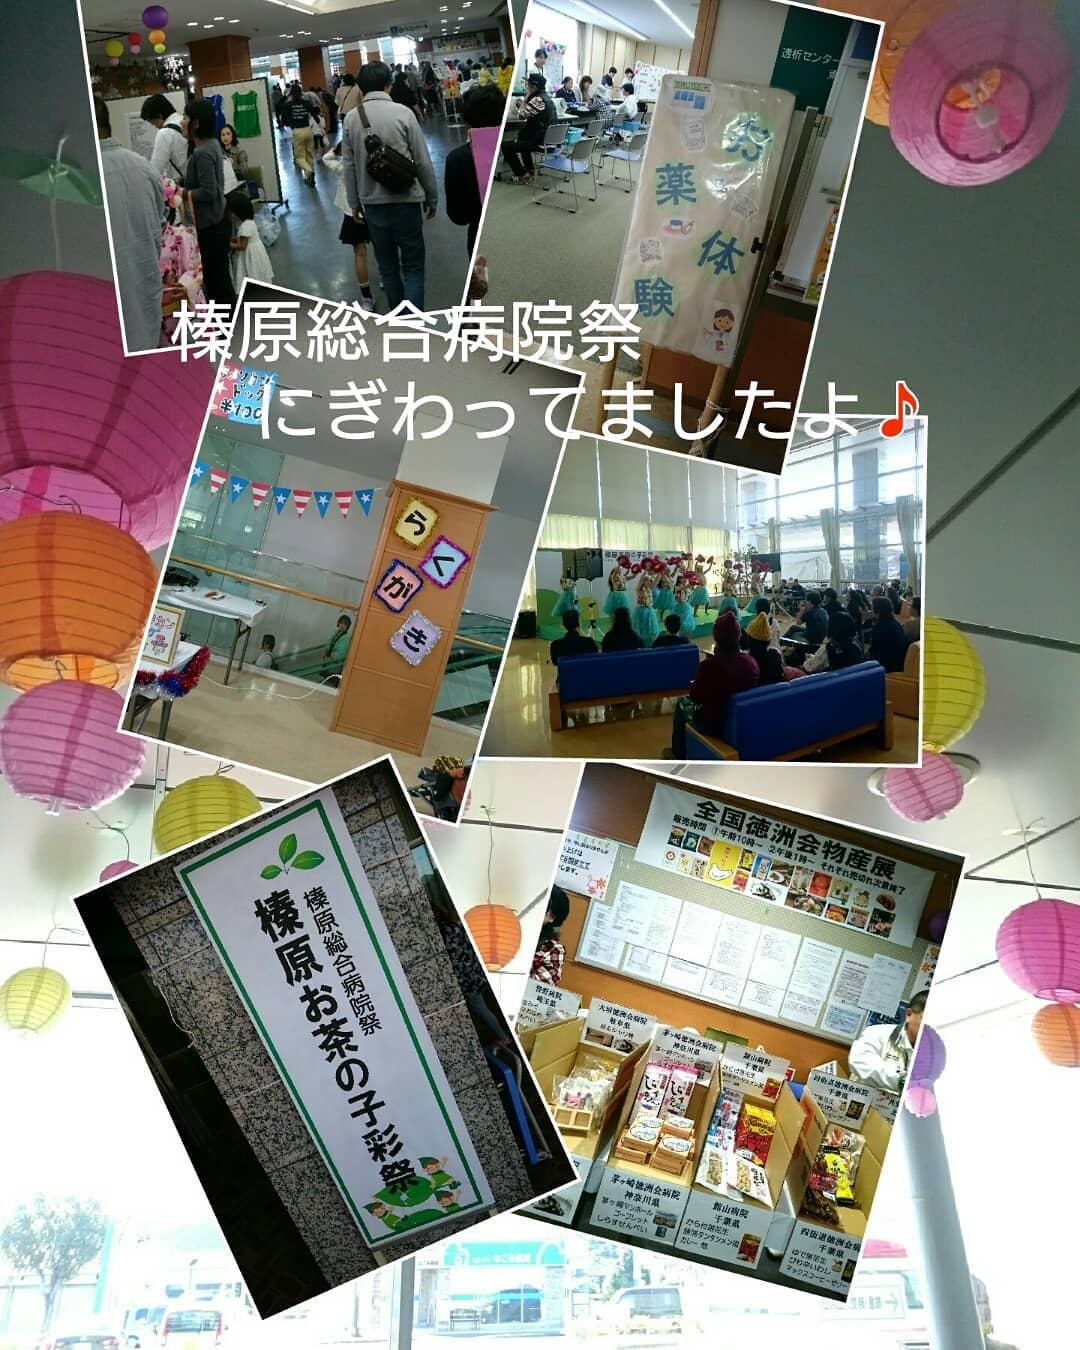 ☆にぎわう榛原総合病院祭